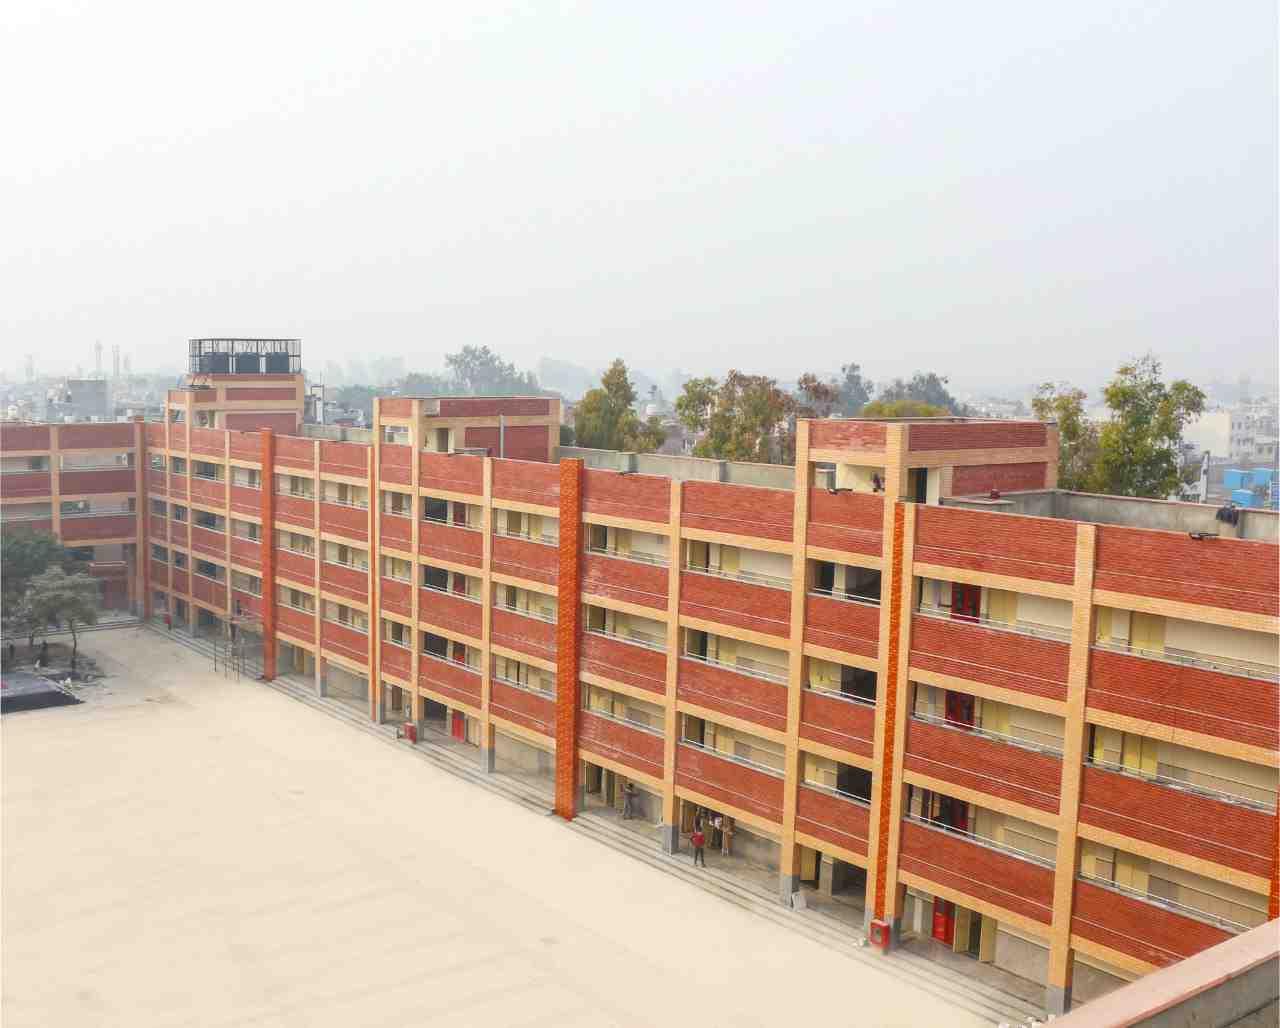 Government%2Bgirls%2Bsenior%2Bsecondary%2Bschool2 मा.अरविन्द केजरीवाल ने राजकीय उच्चतर माध्यमिक कन्या विद्यालय का किया उद्घाटन।